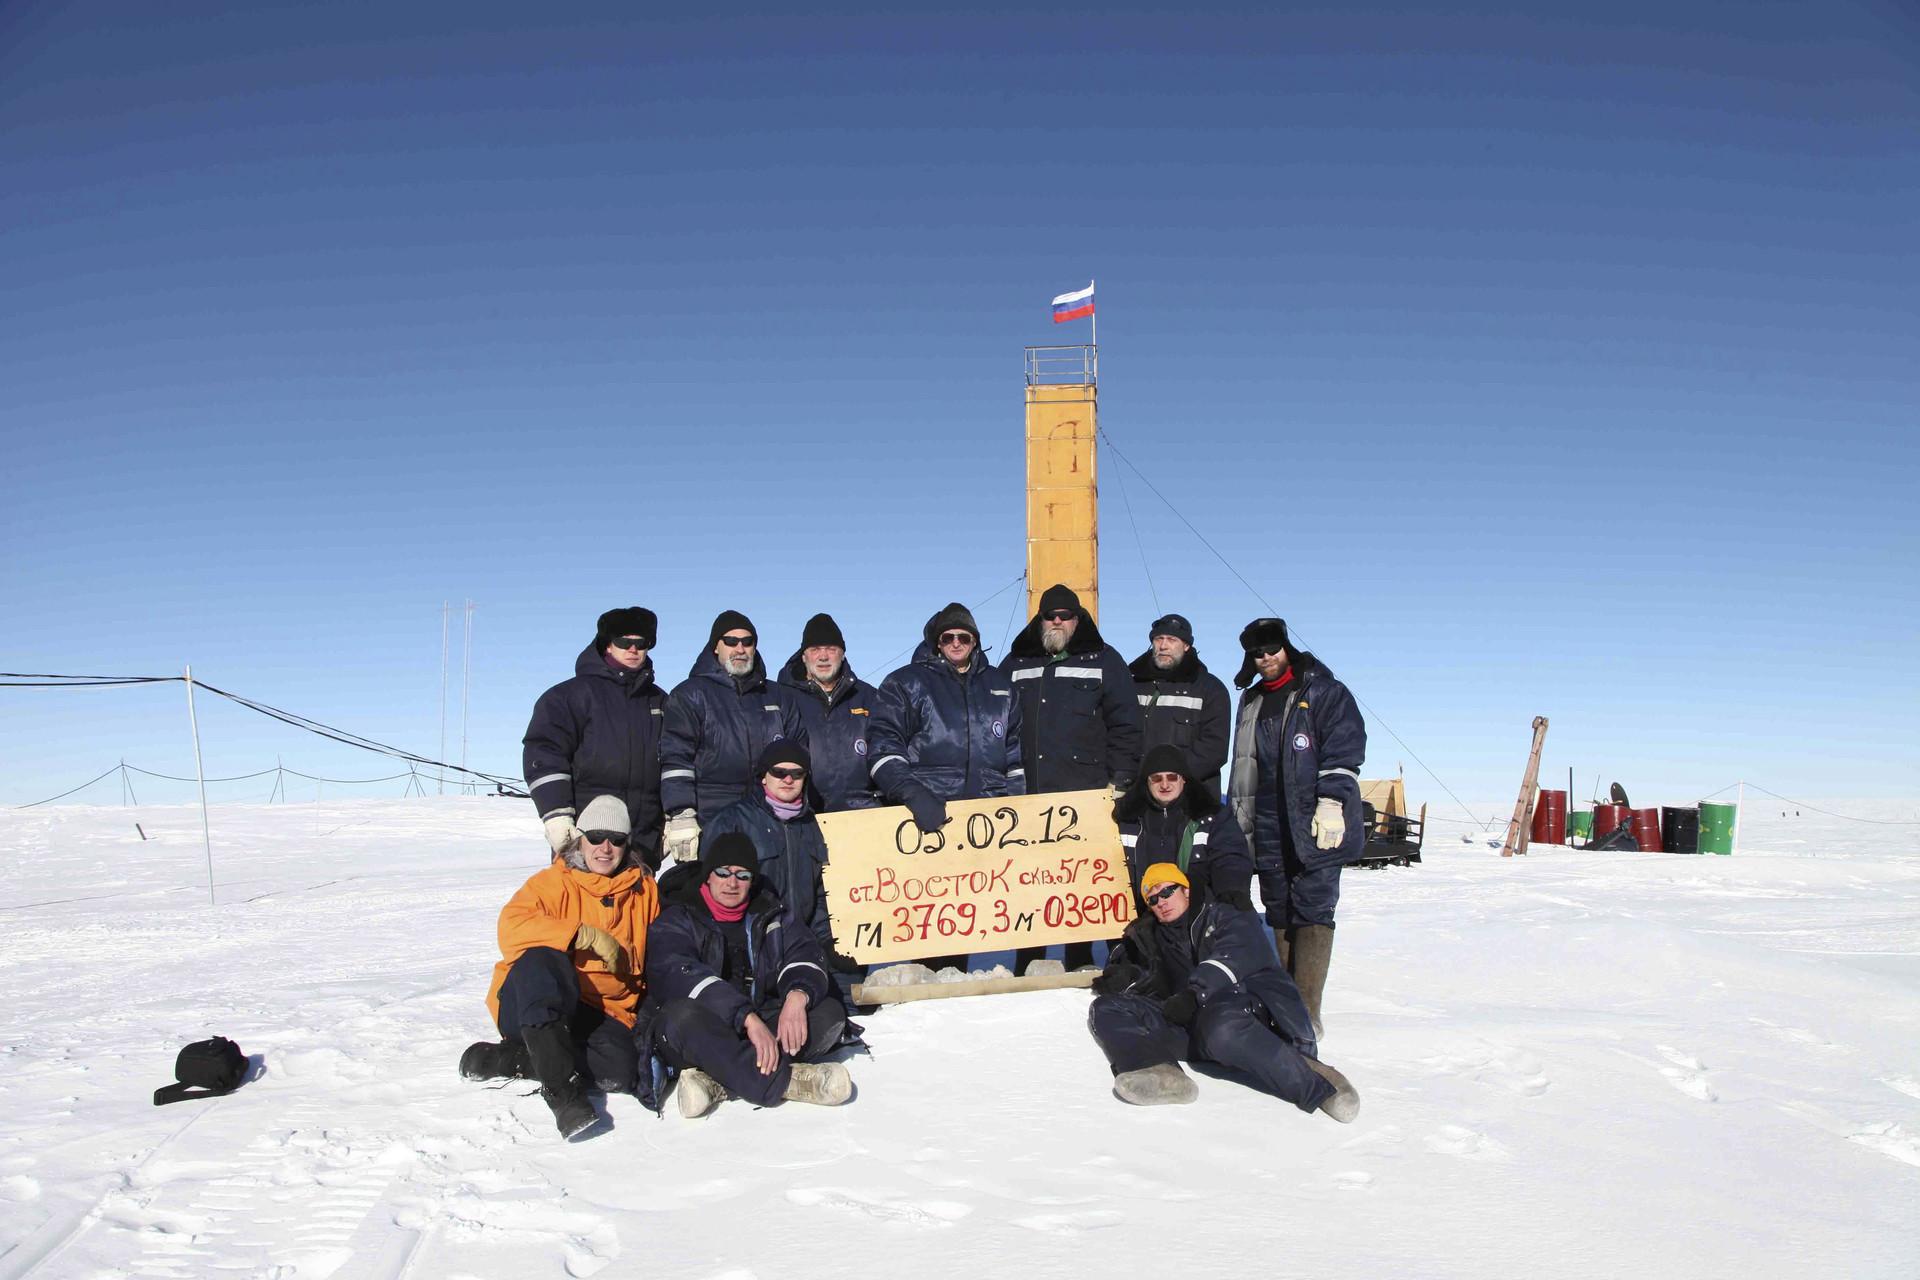 Des chercheurs posent pour une photo à la station Vostok en Antarctique